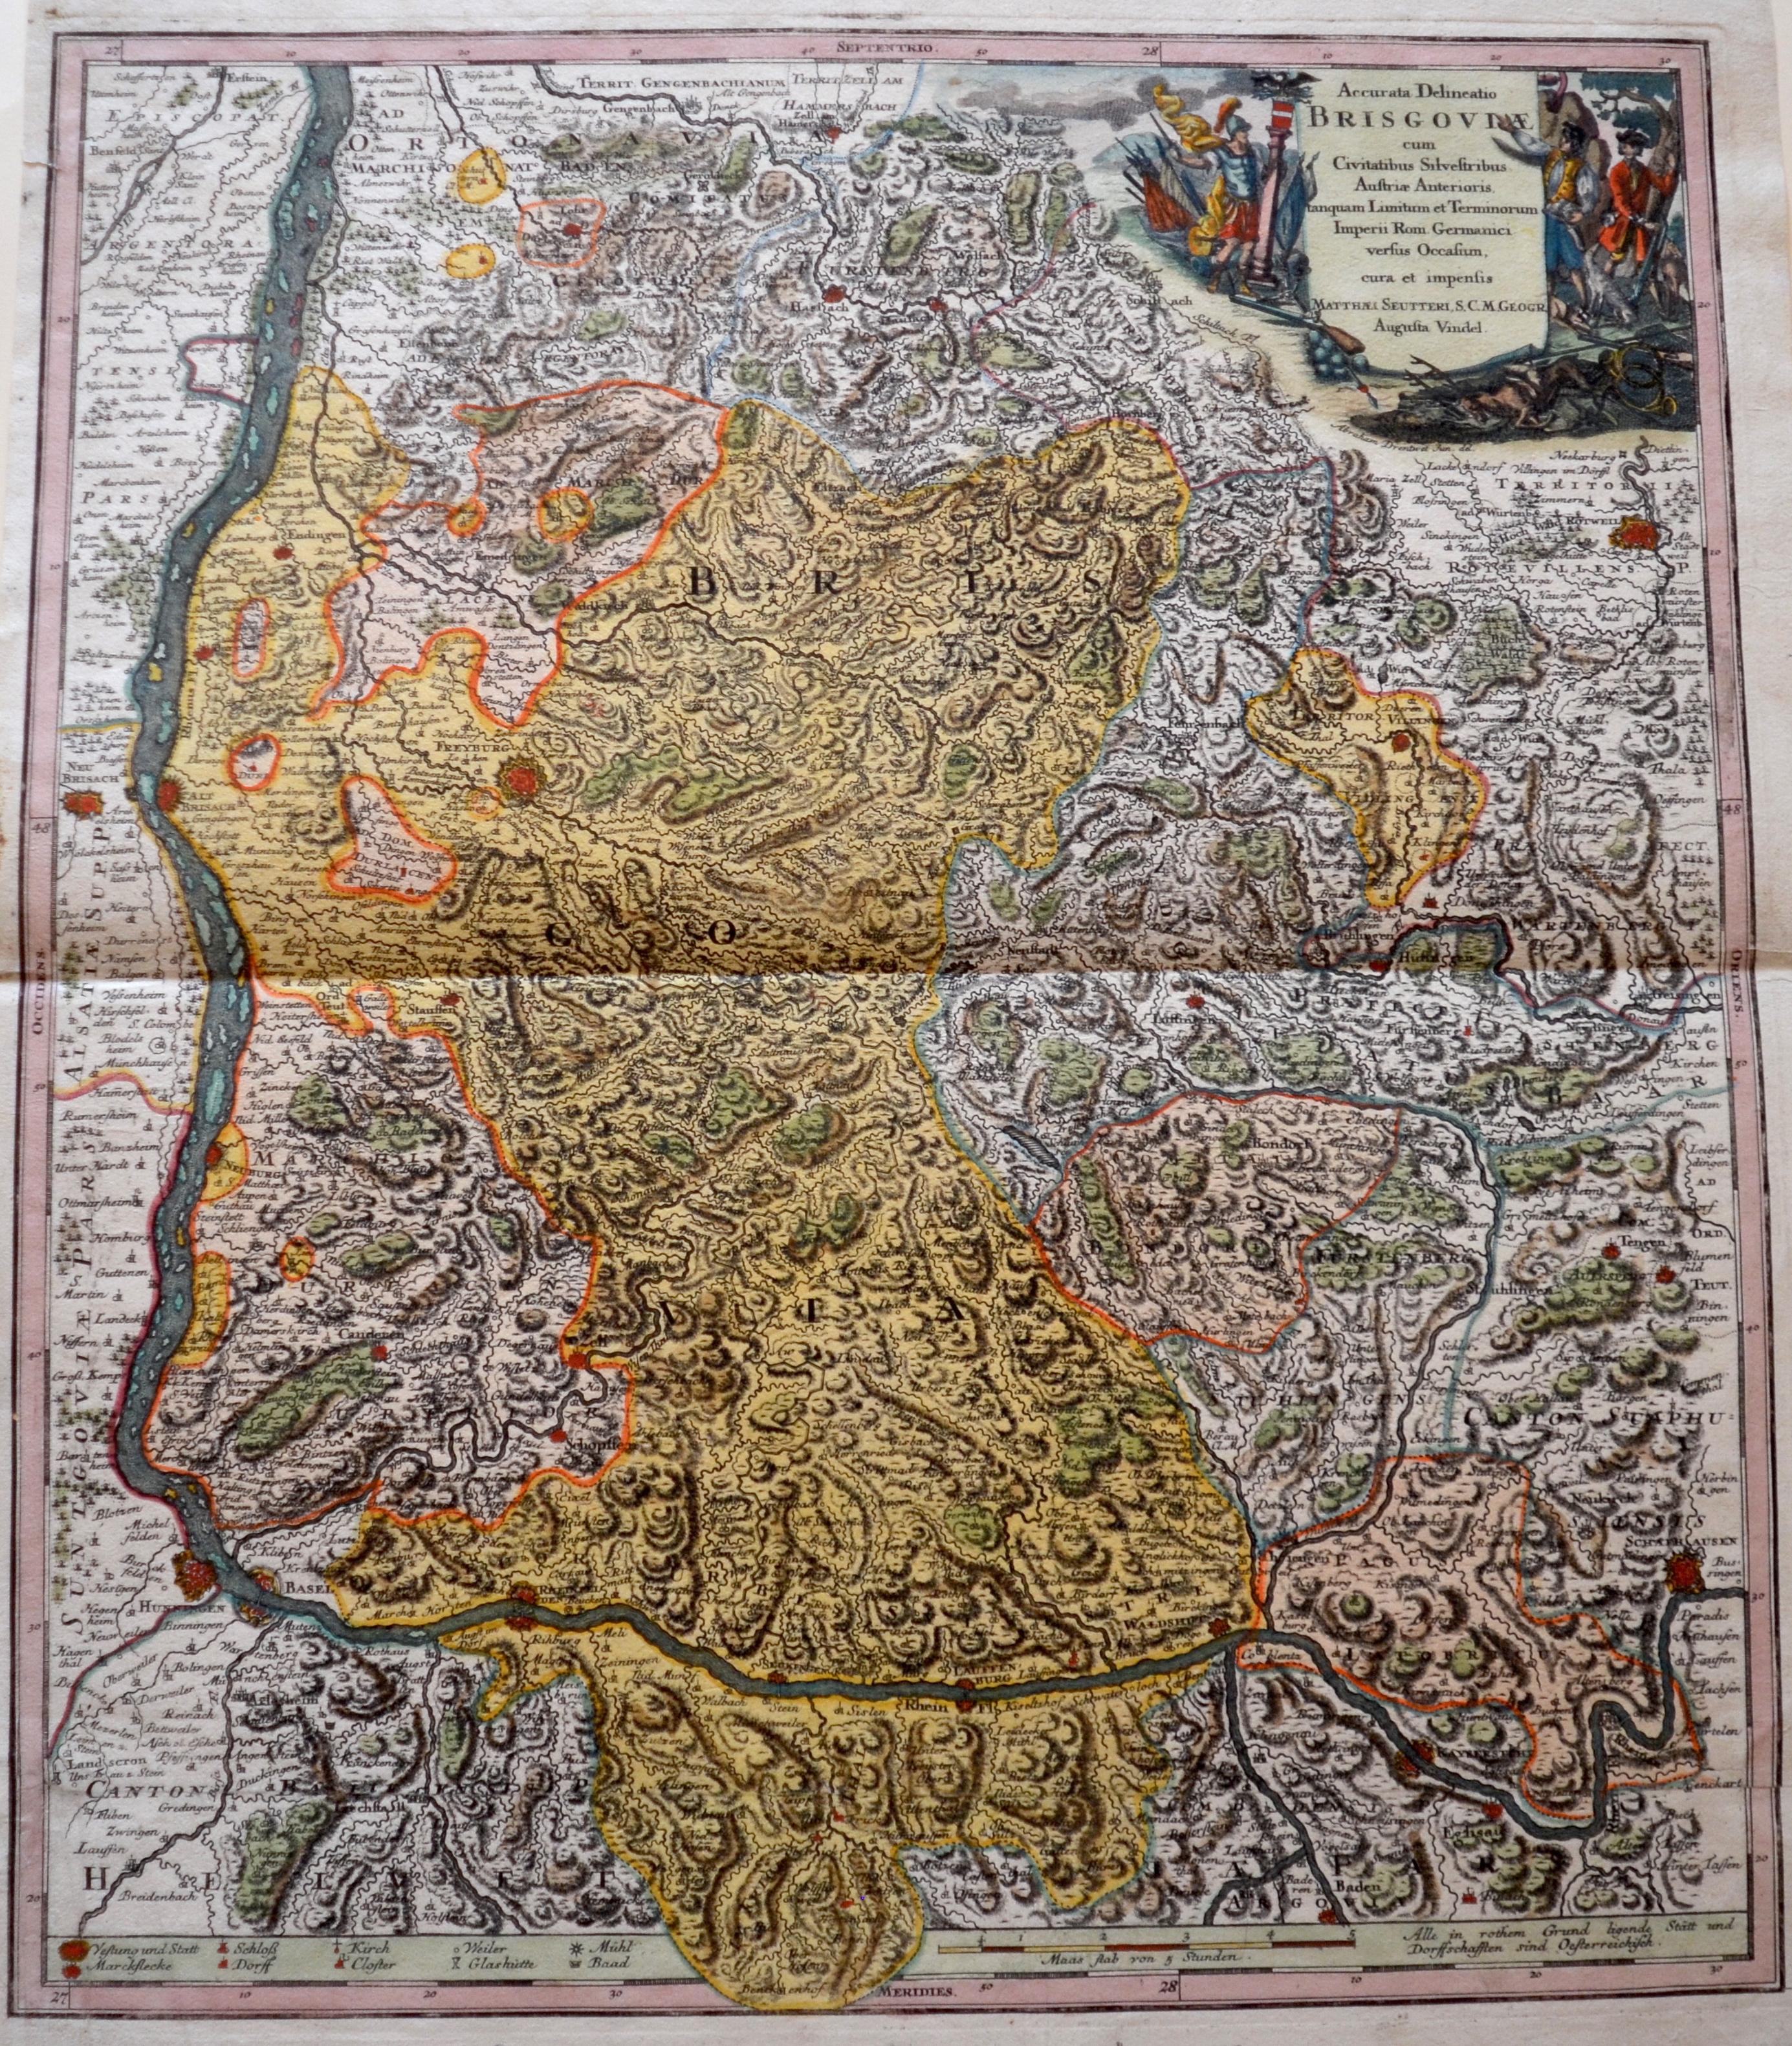 Seutter Matthias Accurata Delineatio Brisgoviae cum Civitatibus Silvestribus Austriae Anterioris,…